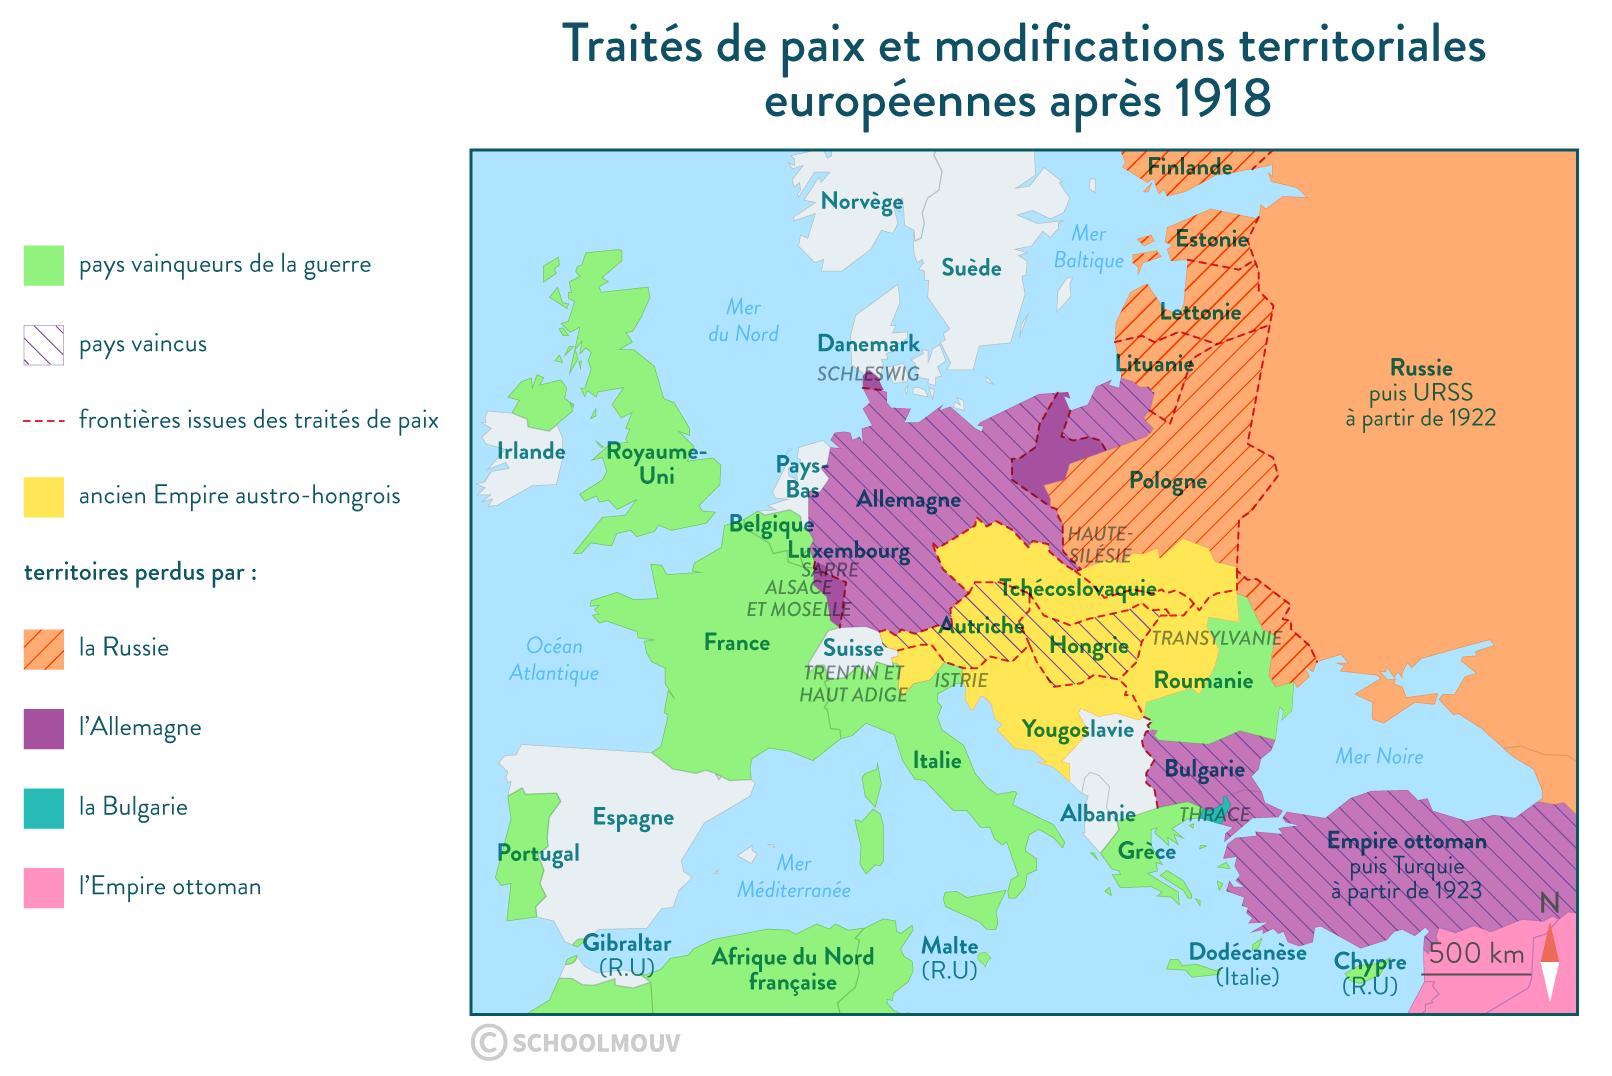 Les traités de paix et les modifications territoriales qu'ils engendrent en Europe